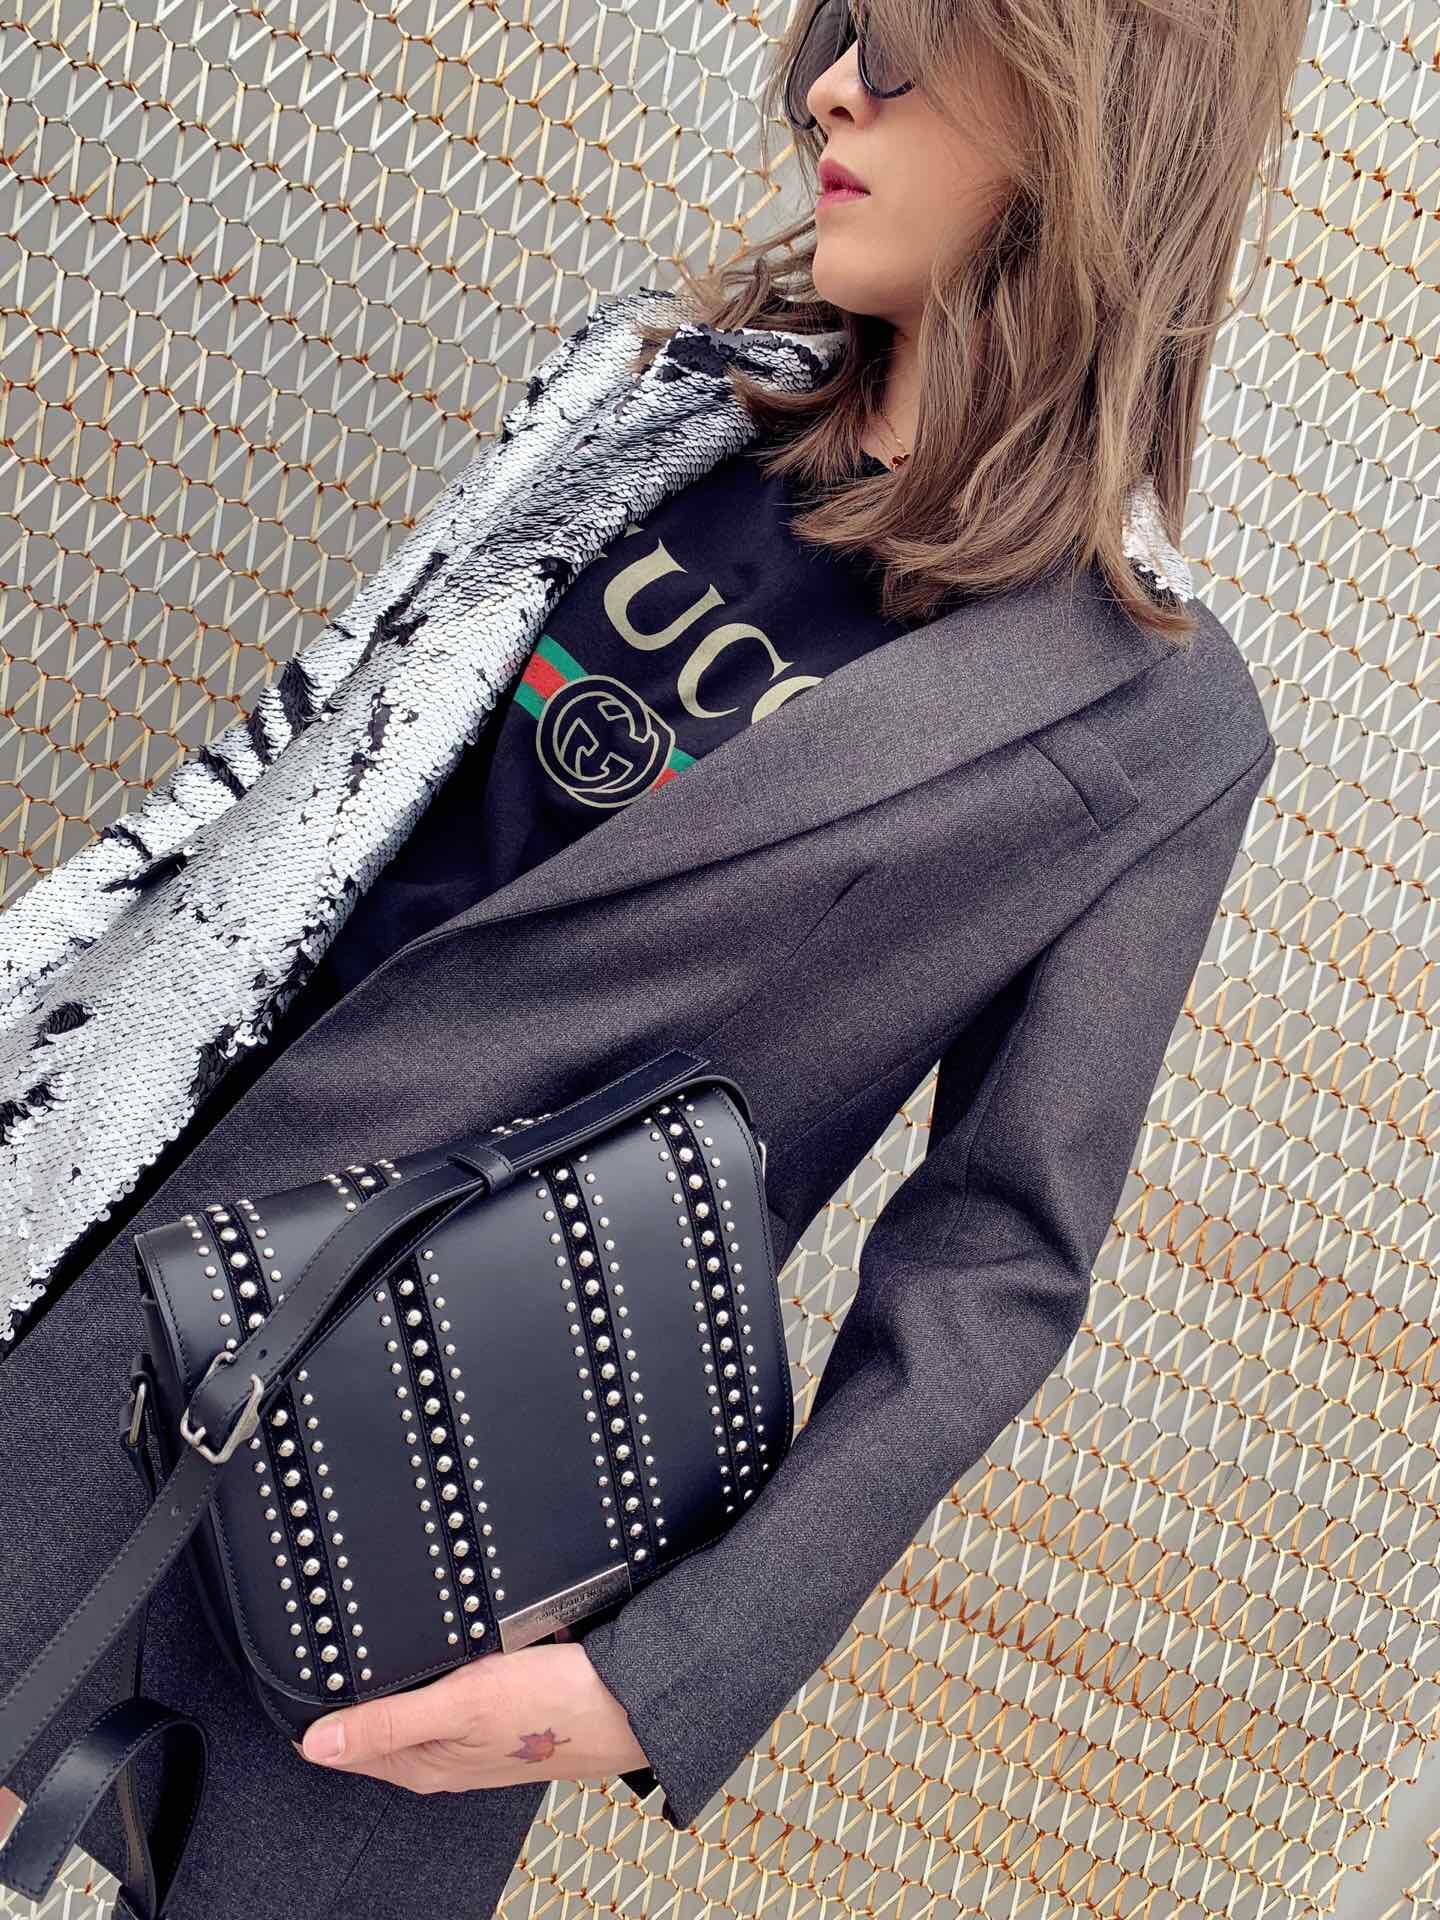 聖羅蘭女包官網 YSL ETTY 黑色鉚釘復古銀色真皮小肩包